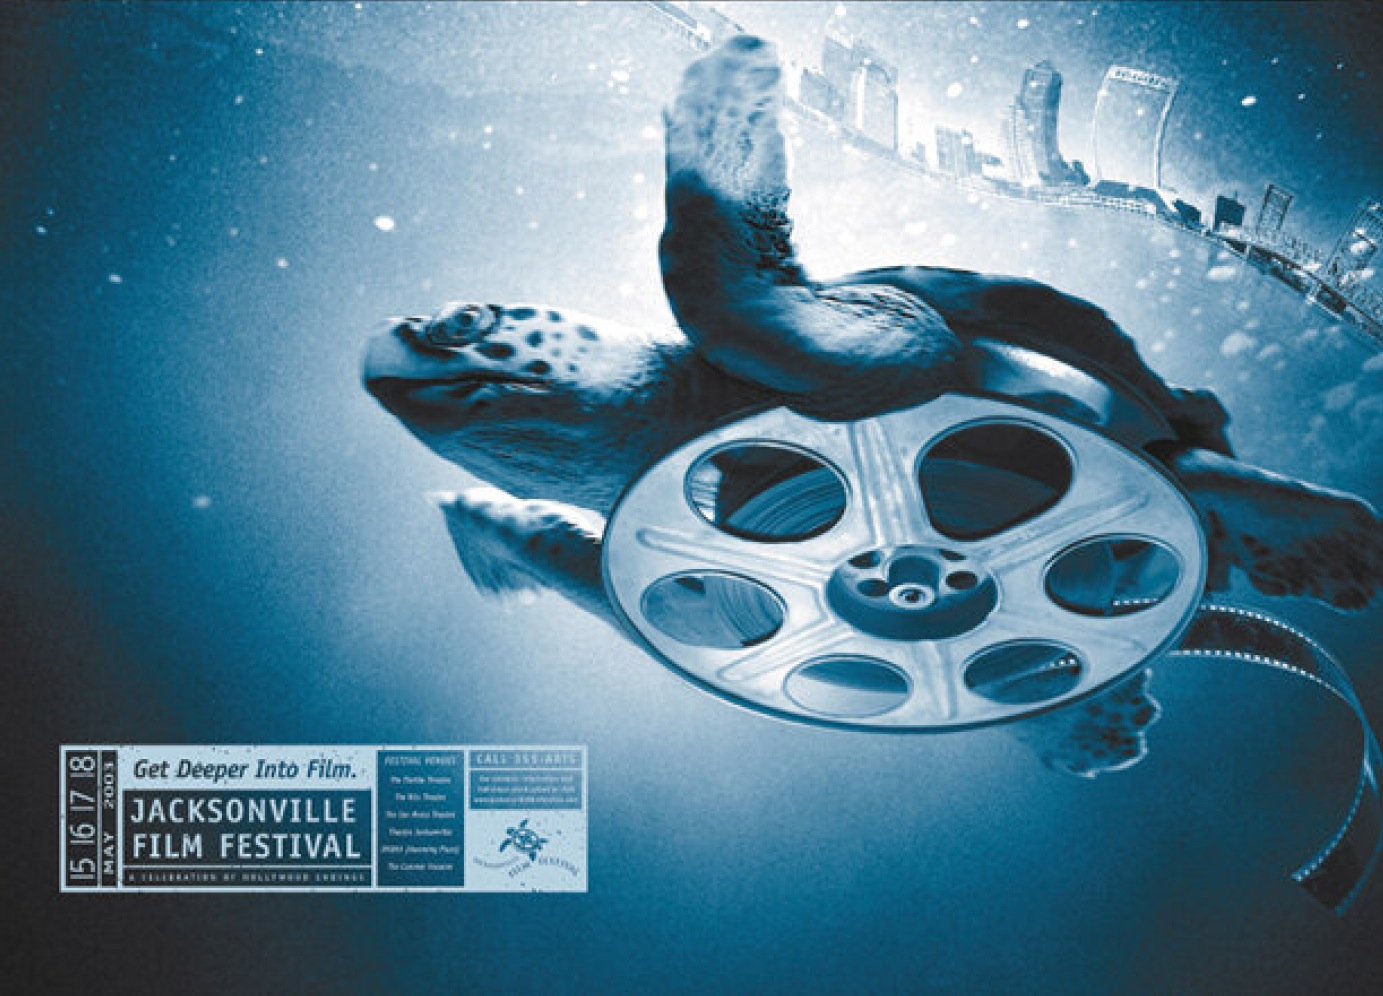 Jacksonville Film Festival Poster